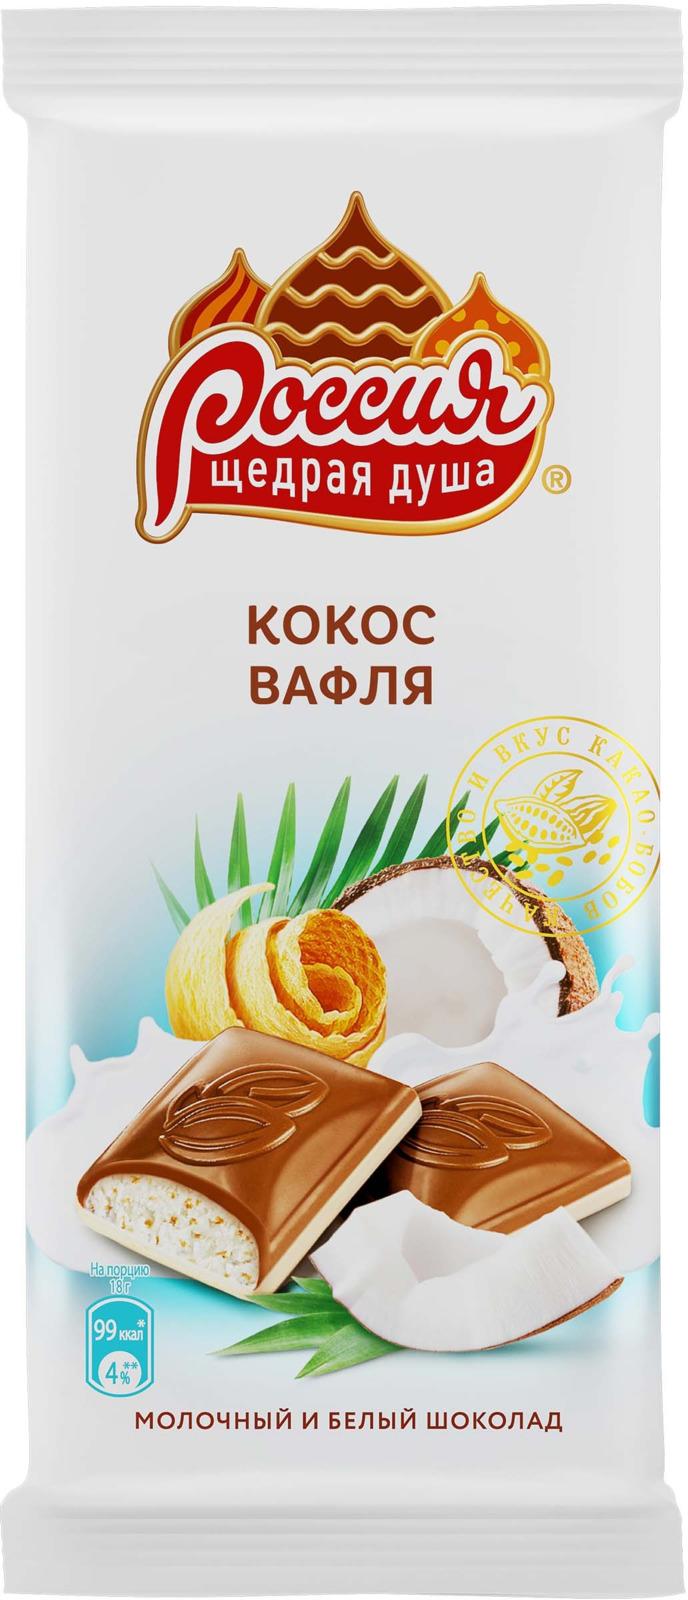 цена Россия Щедрая душа Молочный шоколад с кокосом и вафлей, 90 г онлайн в 2017 году